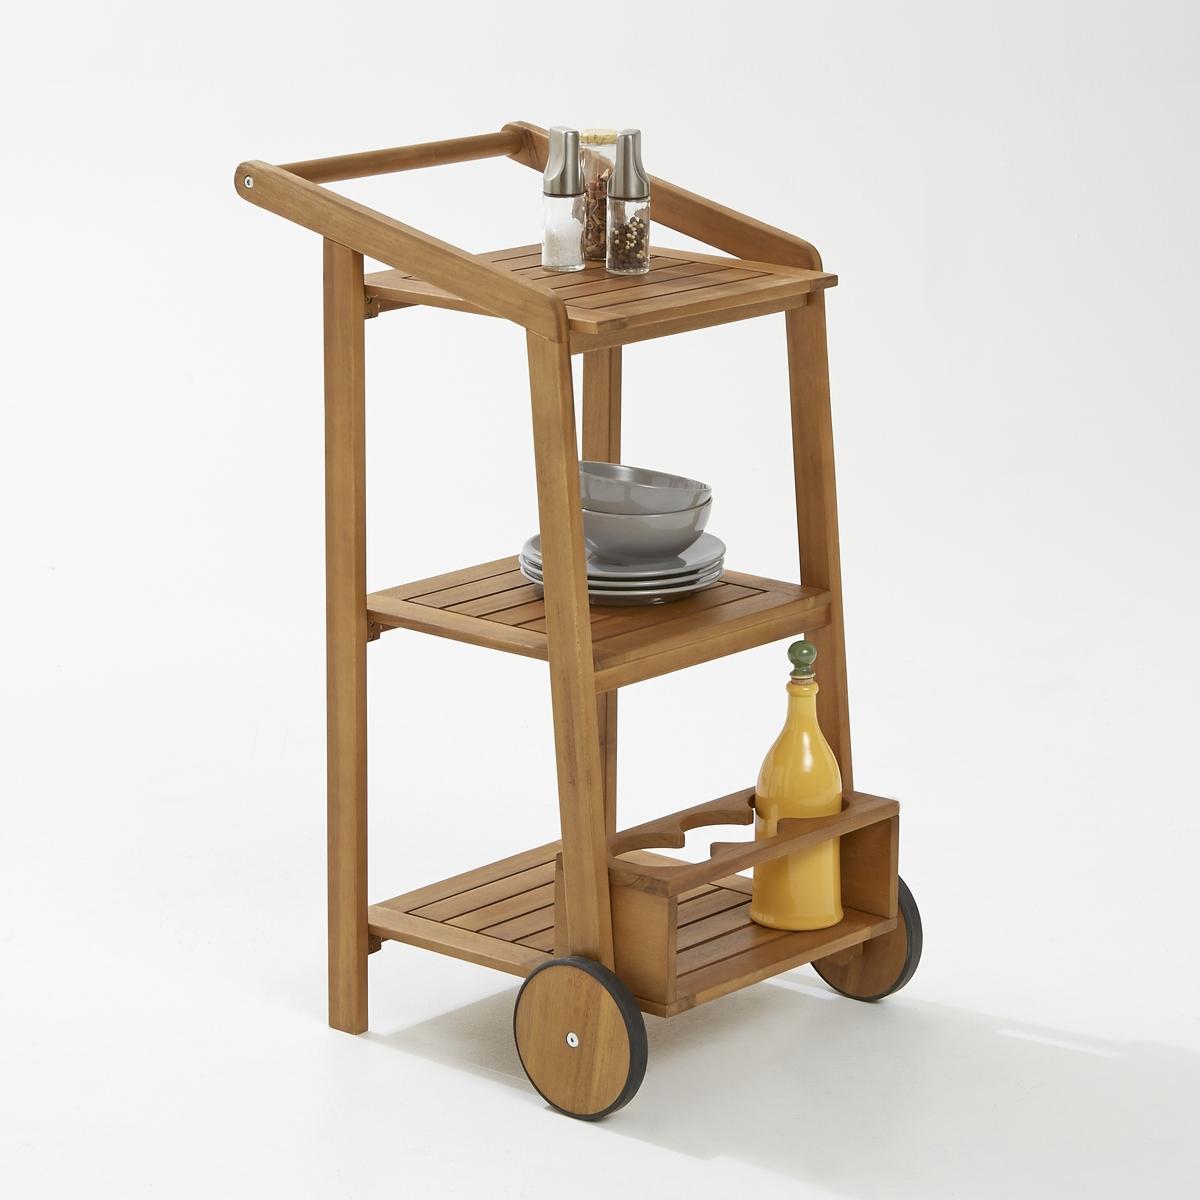 Стол на колесах с 3 полками + 1 дверь с держателем бутылокСервировочный стол, который идеально впишется в обстановку! 3 полки, держатель бутылок, колеса: удобно подавать завтрак на терассу. Дерево акации легко мыть.Характеристики сервировочного стола:Прямоугольной формы.2 колеса.3 полки.1 держатель бутылок.Дерево акации.Размеры сервировочного стола:Ширина: 45 см.Высота: 85 см.Глубина: 54 см.Вес: 6 кг.Размеры поверхности стола:Длина 35 см  x Ширина 33 см x Высота 15 см.Размеры в упаковке:длина 89 см.ширина 44.5 см.высота 13 см.Вес 7.5 кг.Качество:Акация обладает хорошими механическими свойствами (прочность, устойчивость к насекомым и грибам, устойчивость к непогоде и чередованию сухой и влажной погоды).Доставка:Стол доставляется в разобранном виде. Доставка осуществляется до квартиры!Внимание! Убедитесь, что товар возможно доставить на дом, учитывая его габариты (проходит в двери, по лестницам, в лифты).<br><br>Цвет: акация